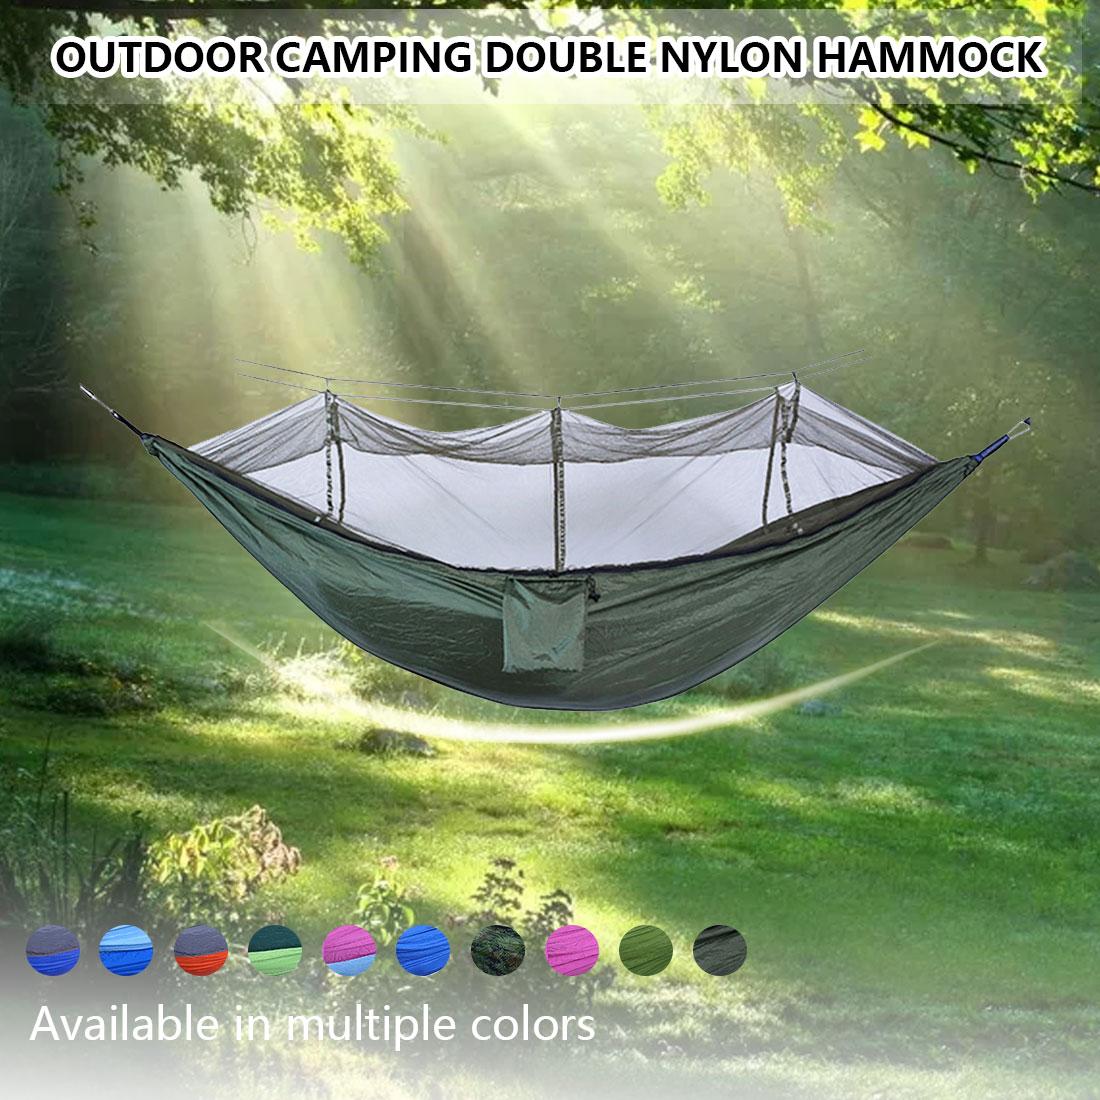 Портативный гамак, подвесная кровать из парашютной ткани, с москитной сеткой, для кемпинга, охоты, сна